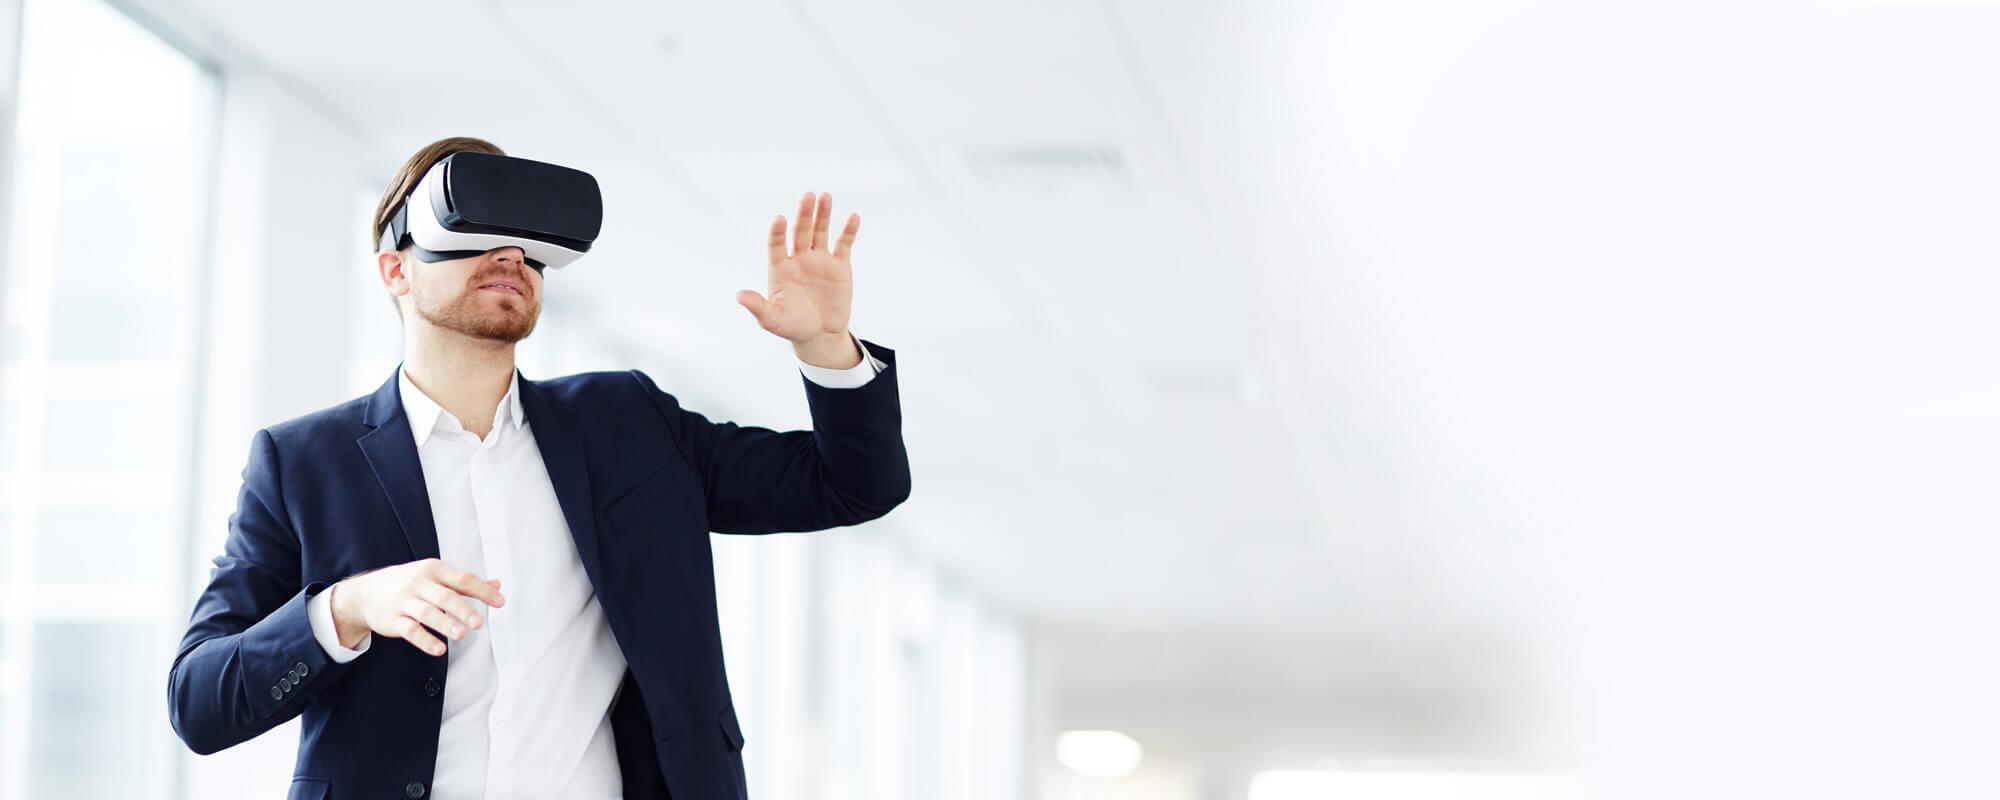 Mann mit VR Brille im Büro